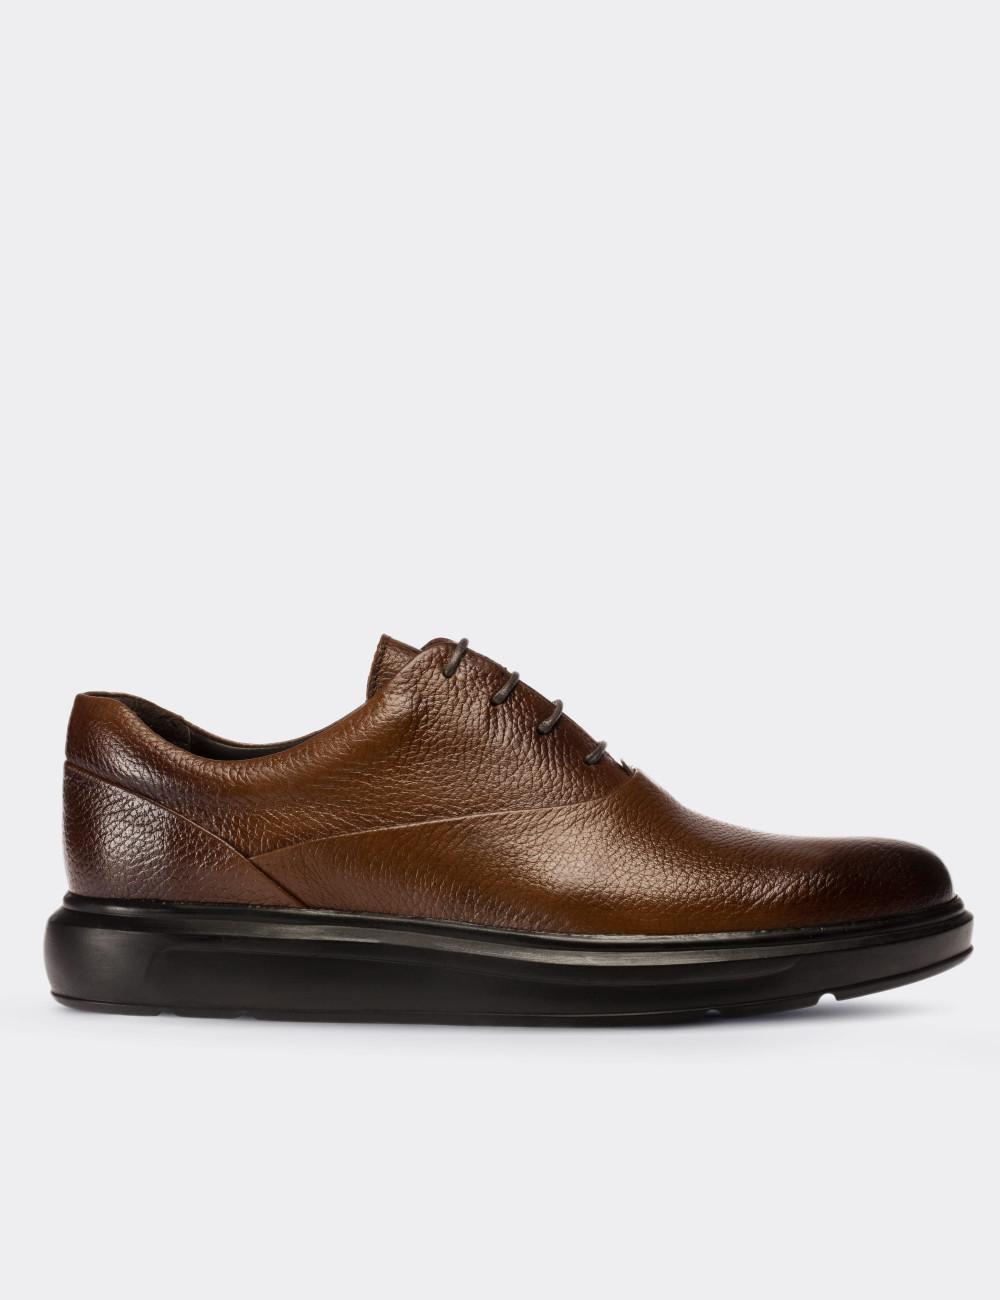 Hakiki Deri Taba Rengi Comfort Günlük Erkek Ayakkabı - 01652MTBAP05